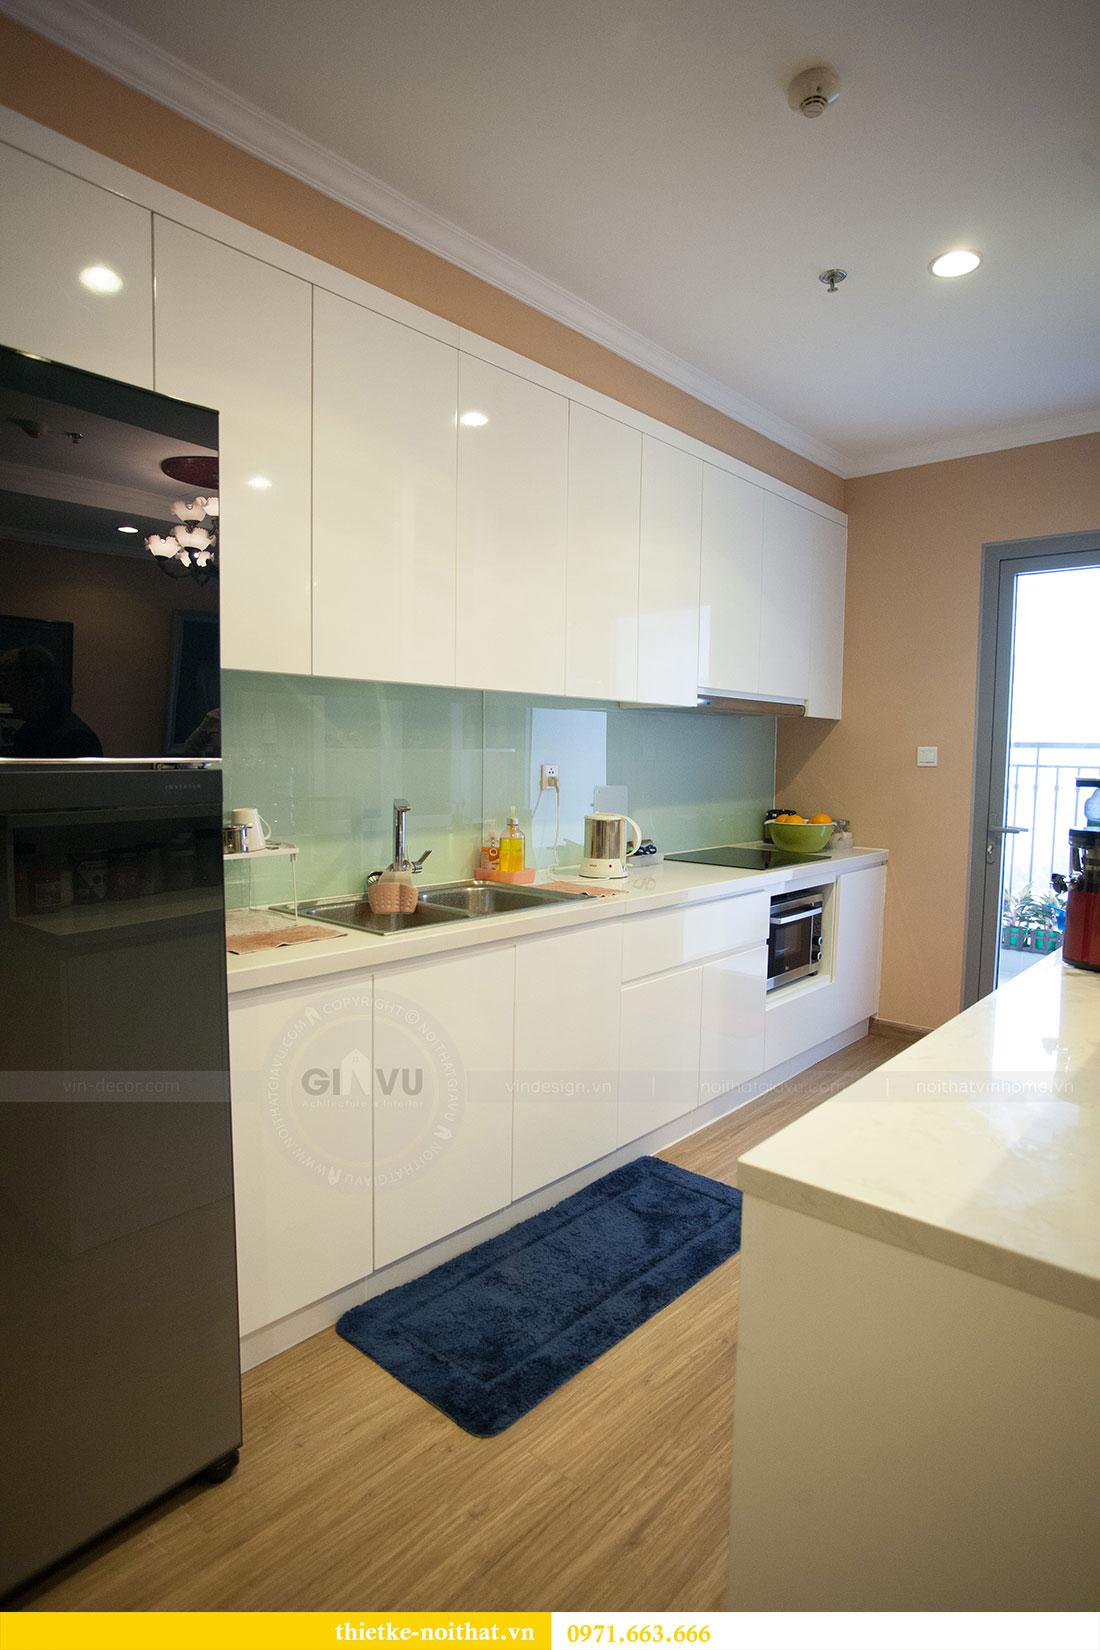 Hoàn thiện nội thất chung cư Park Hill nhà nhạc sỹ Nguyễn Cường 9